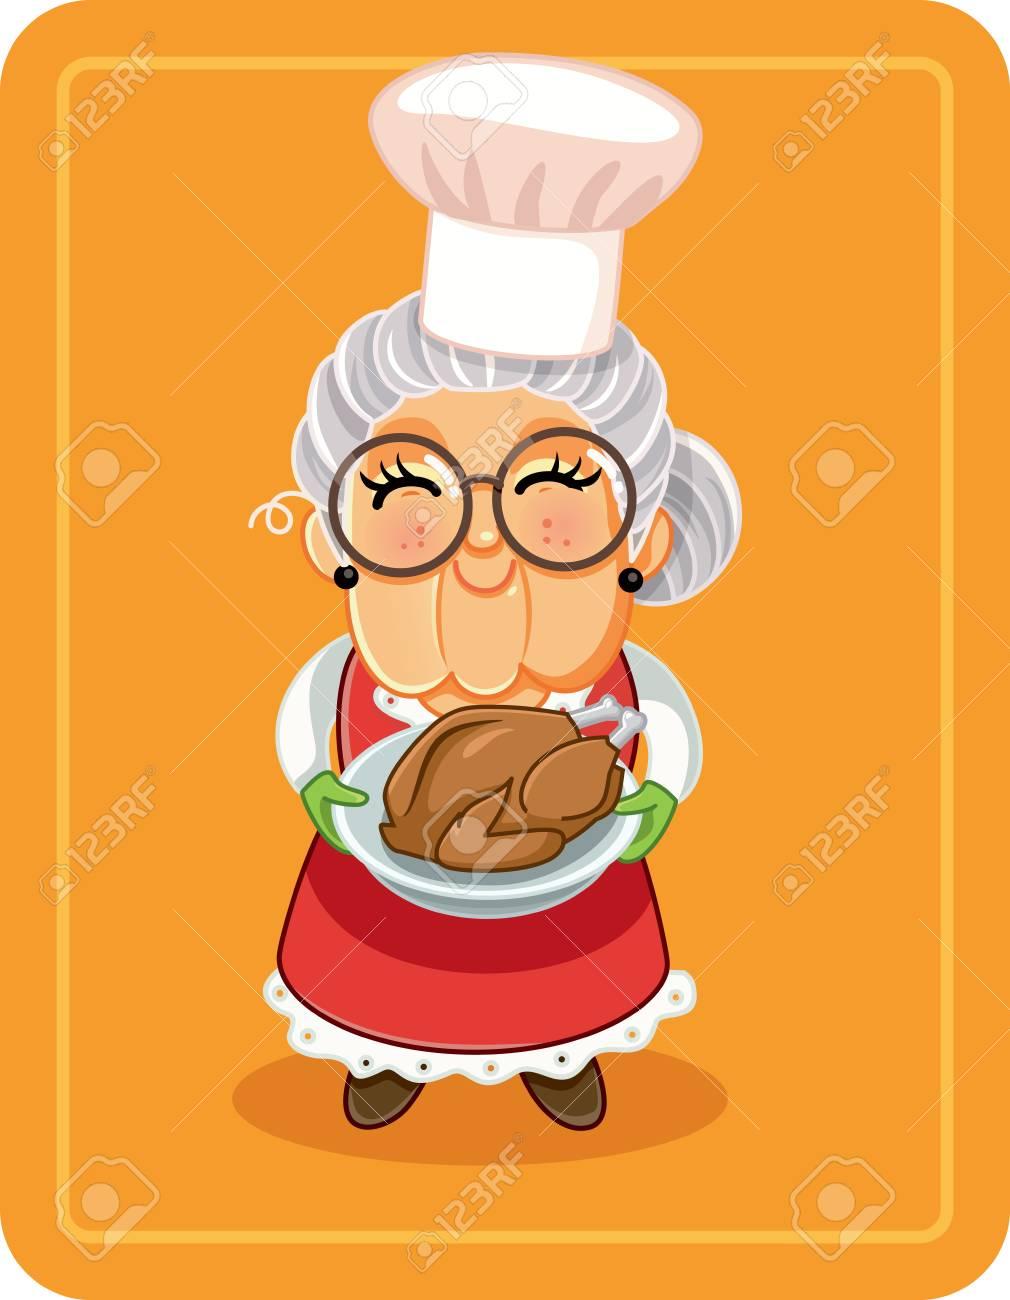 Grandma Holding Roasted Turkey Vector Illustration - 112444530